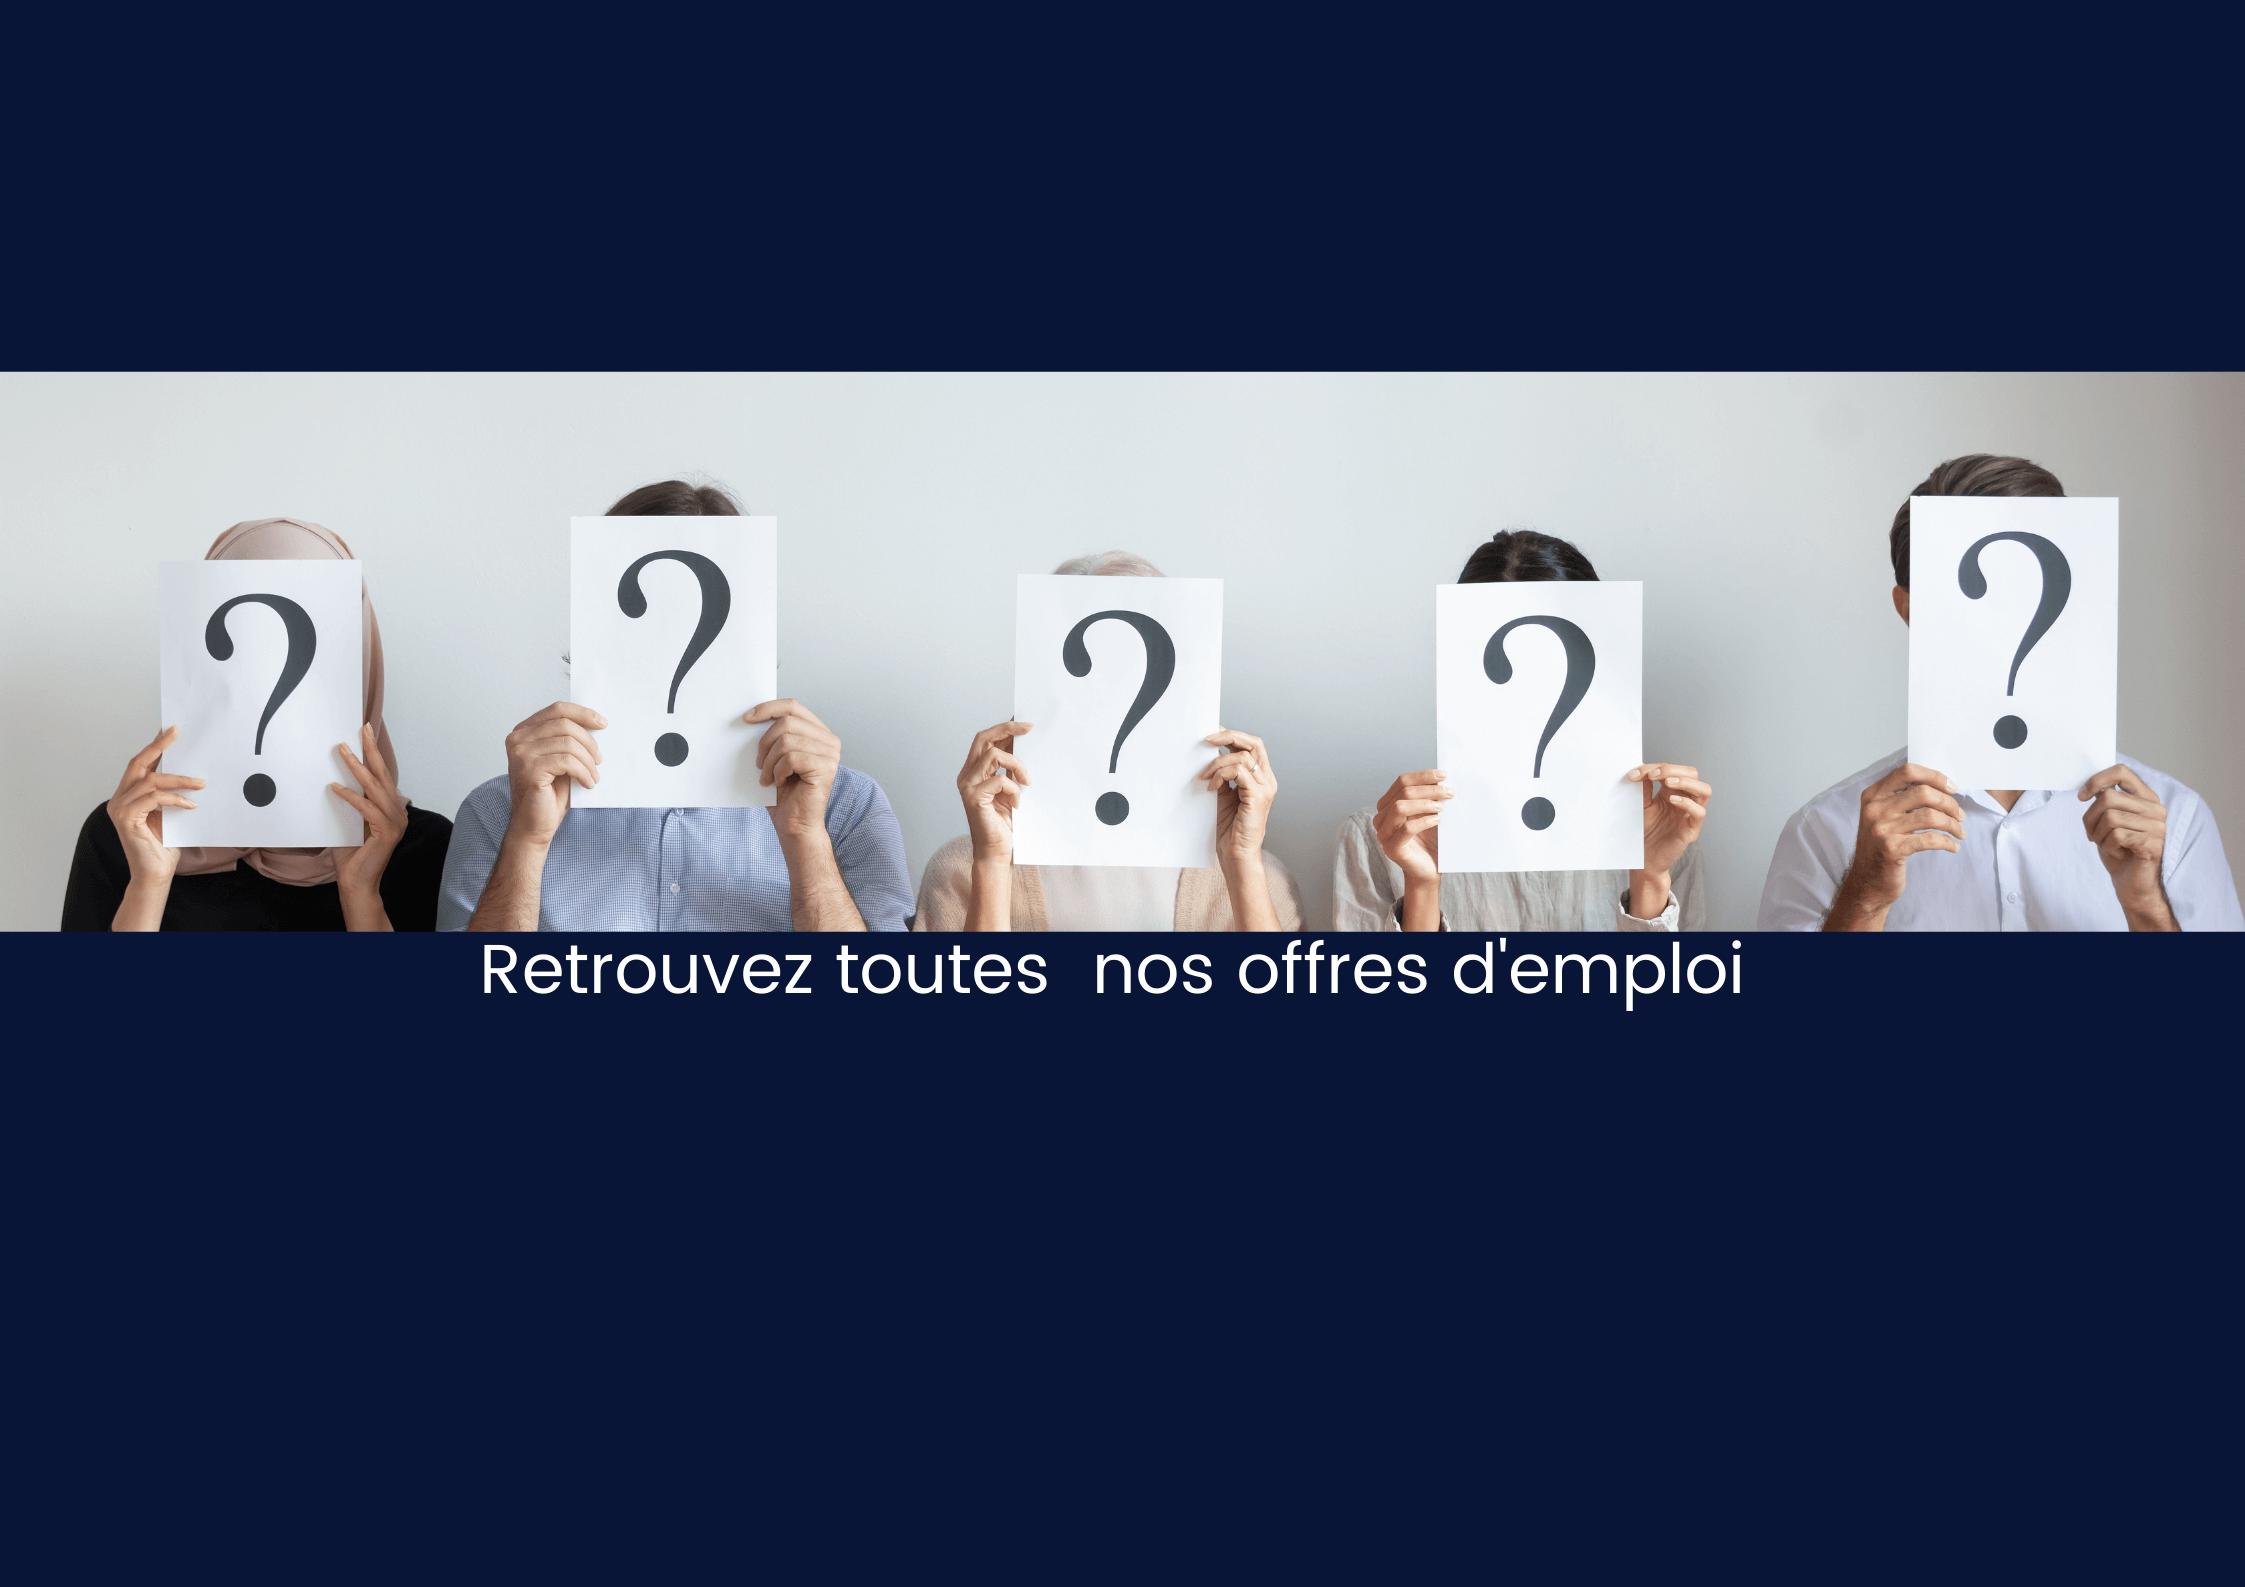 03-retrouvez-nos-offres-demploi-sur-lensemble-du-territoire.png